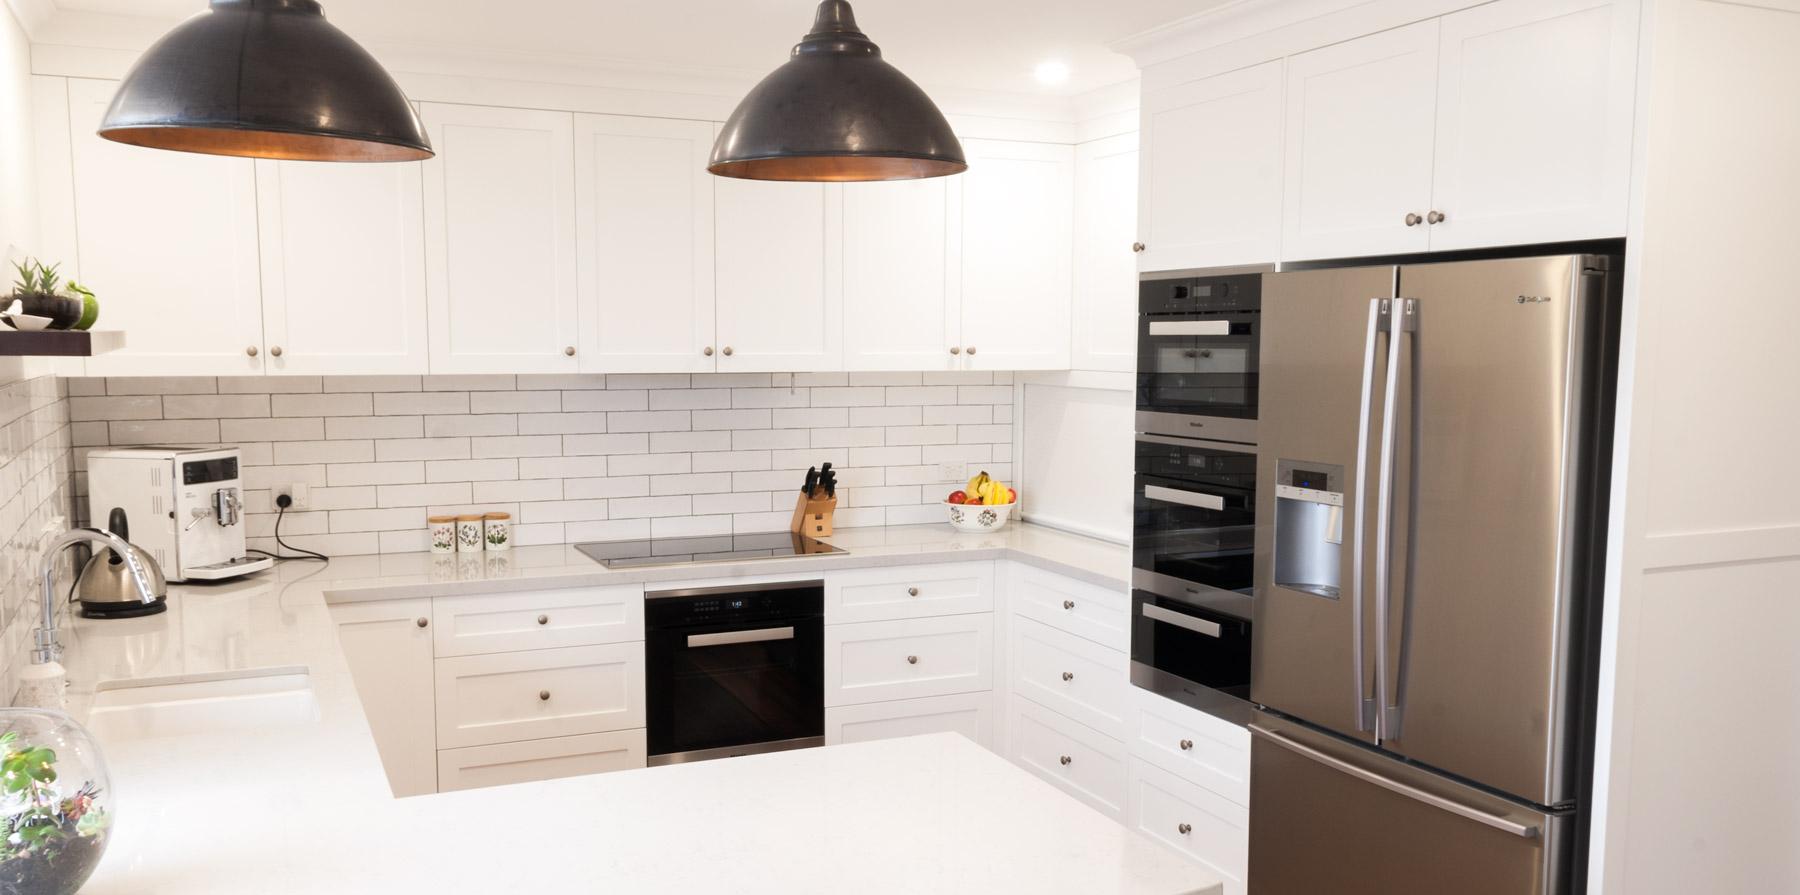 Kitchens Rennovations